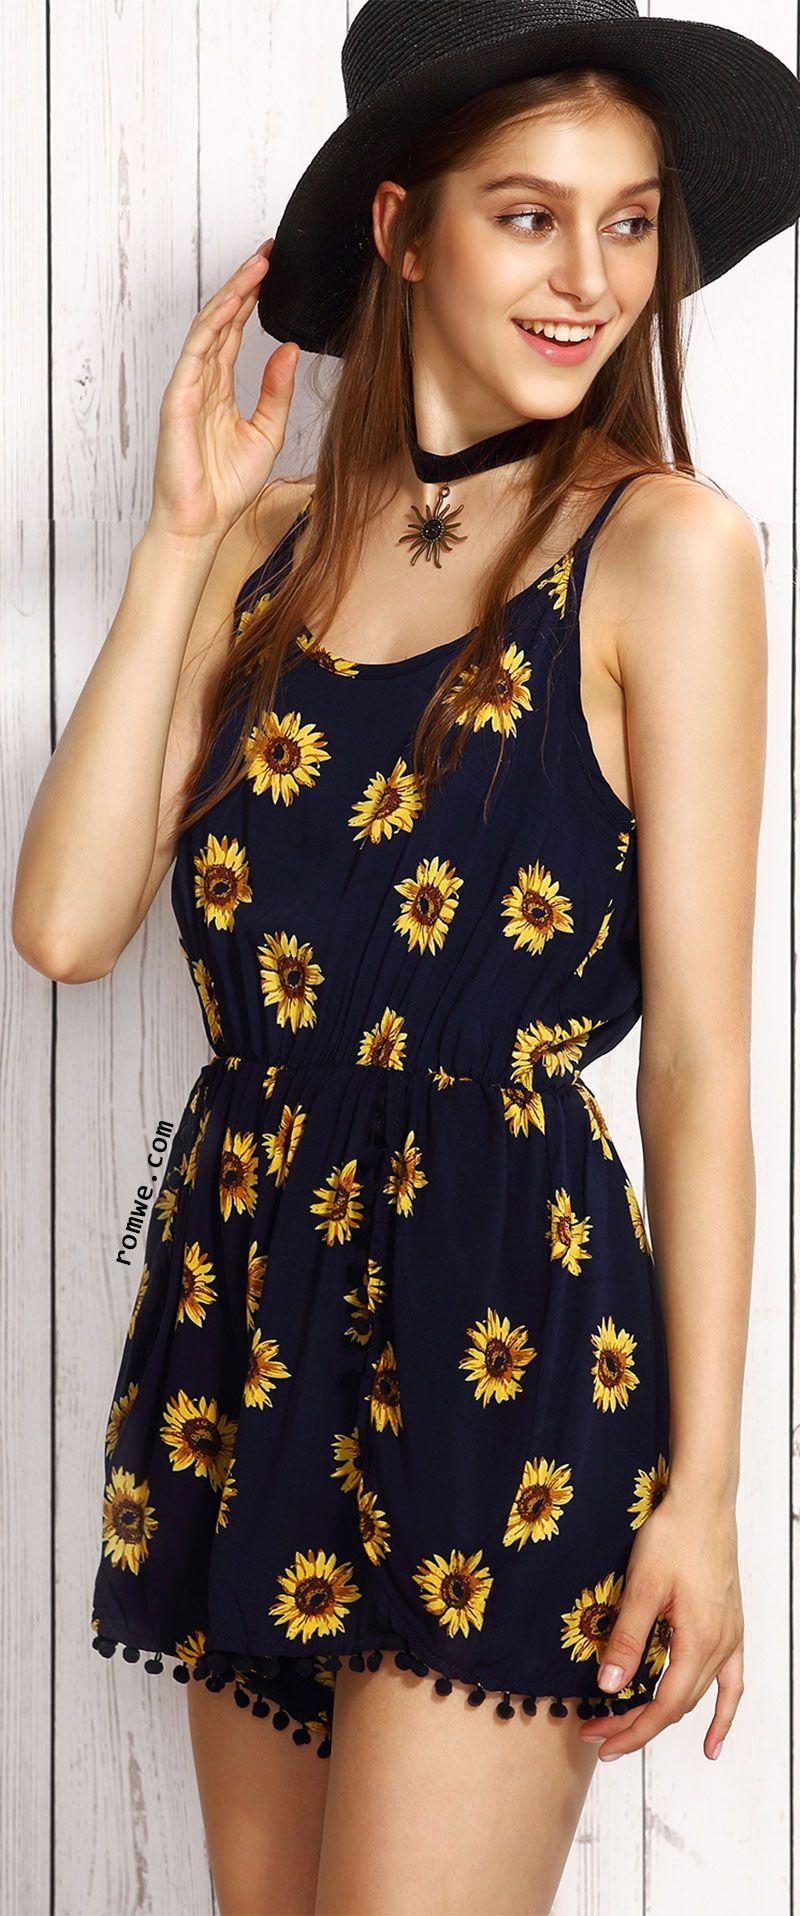 58d46b0ec428 Navy Sunflower Print Pom Pom Trim Cami Romper | Clothes | Summer ...